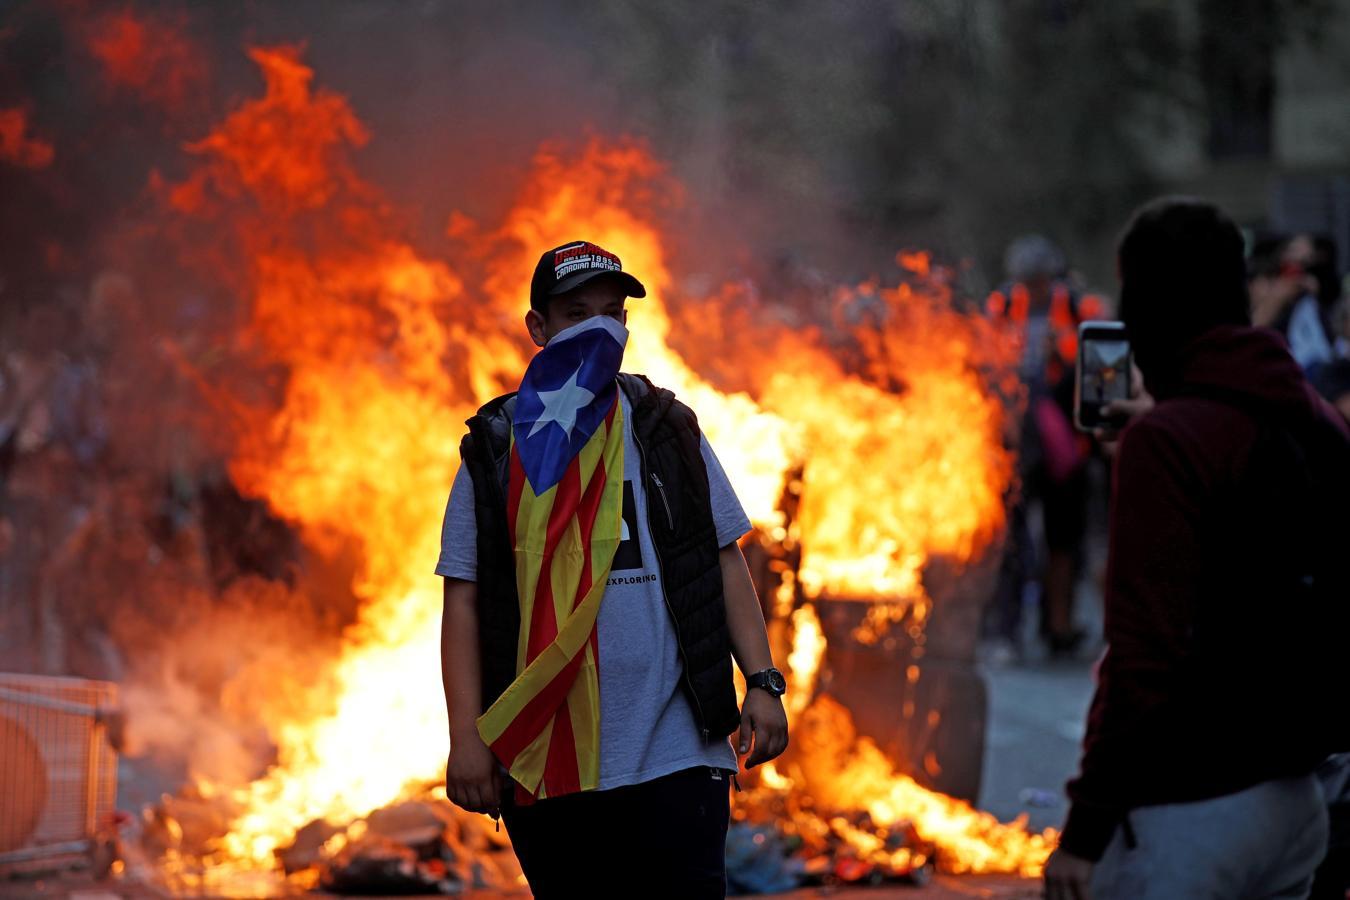 Barcelona arde por la furia de los independentistas Barcelona-disturbios-18-octubre-kSNI--1350x900@abc